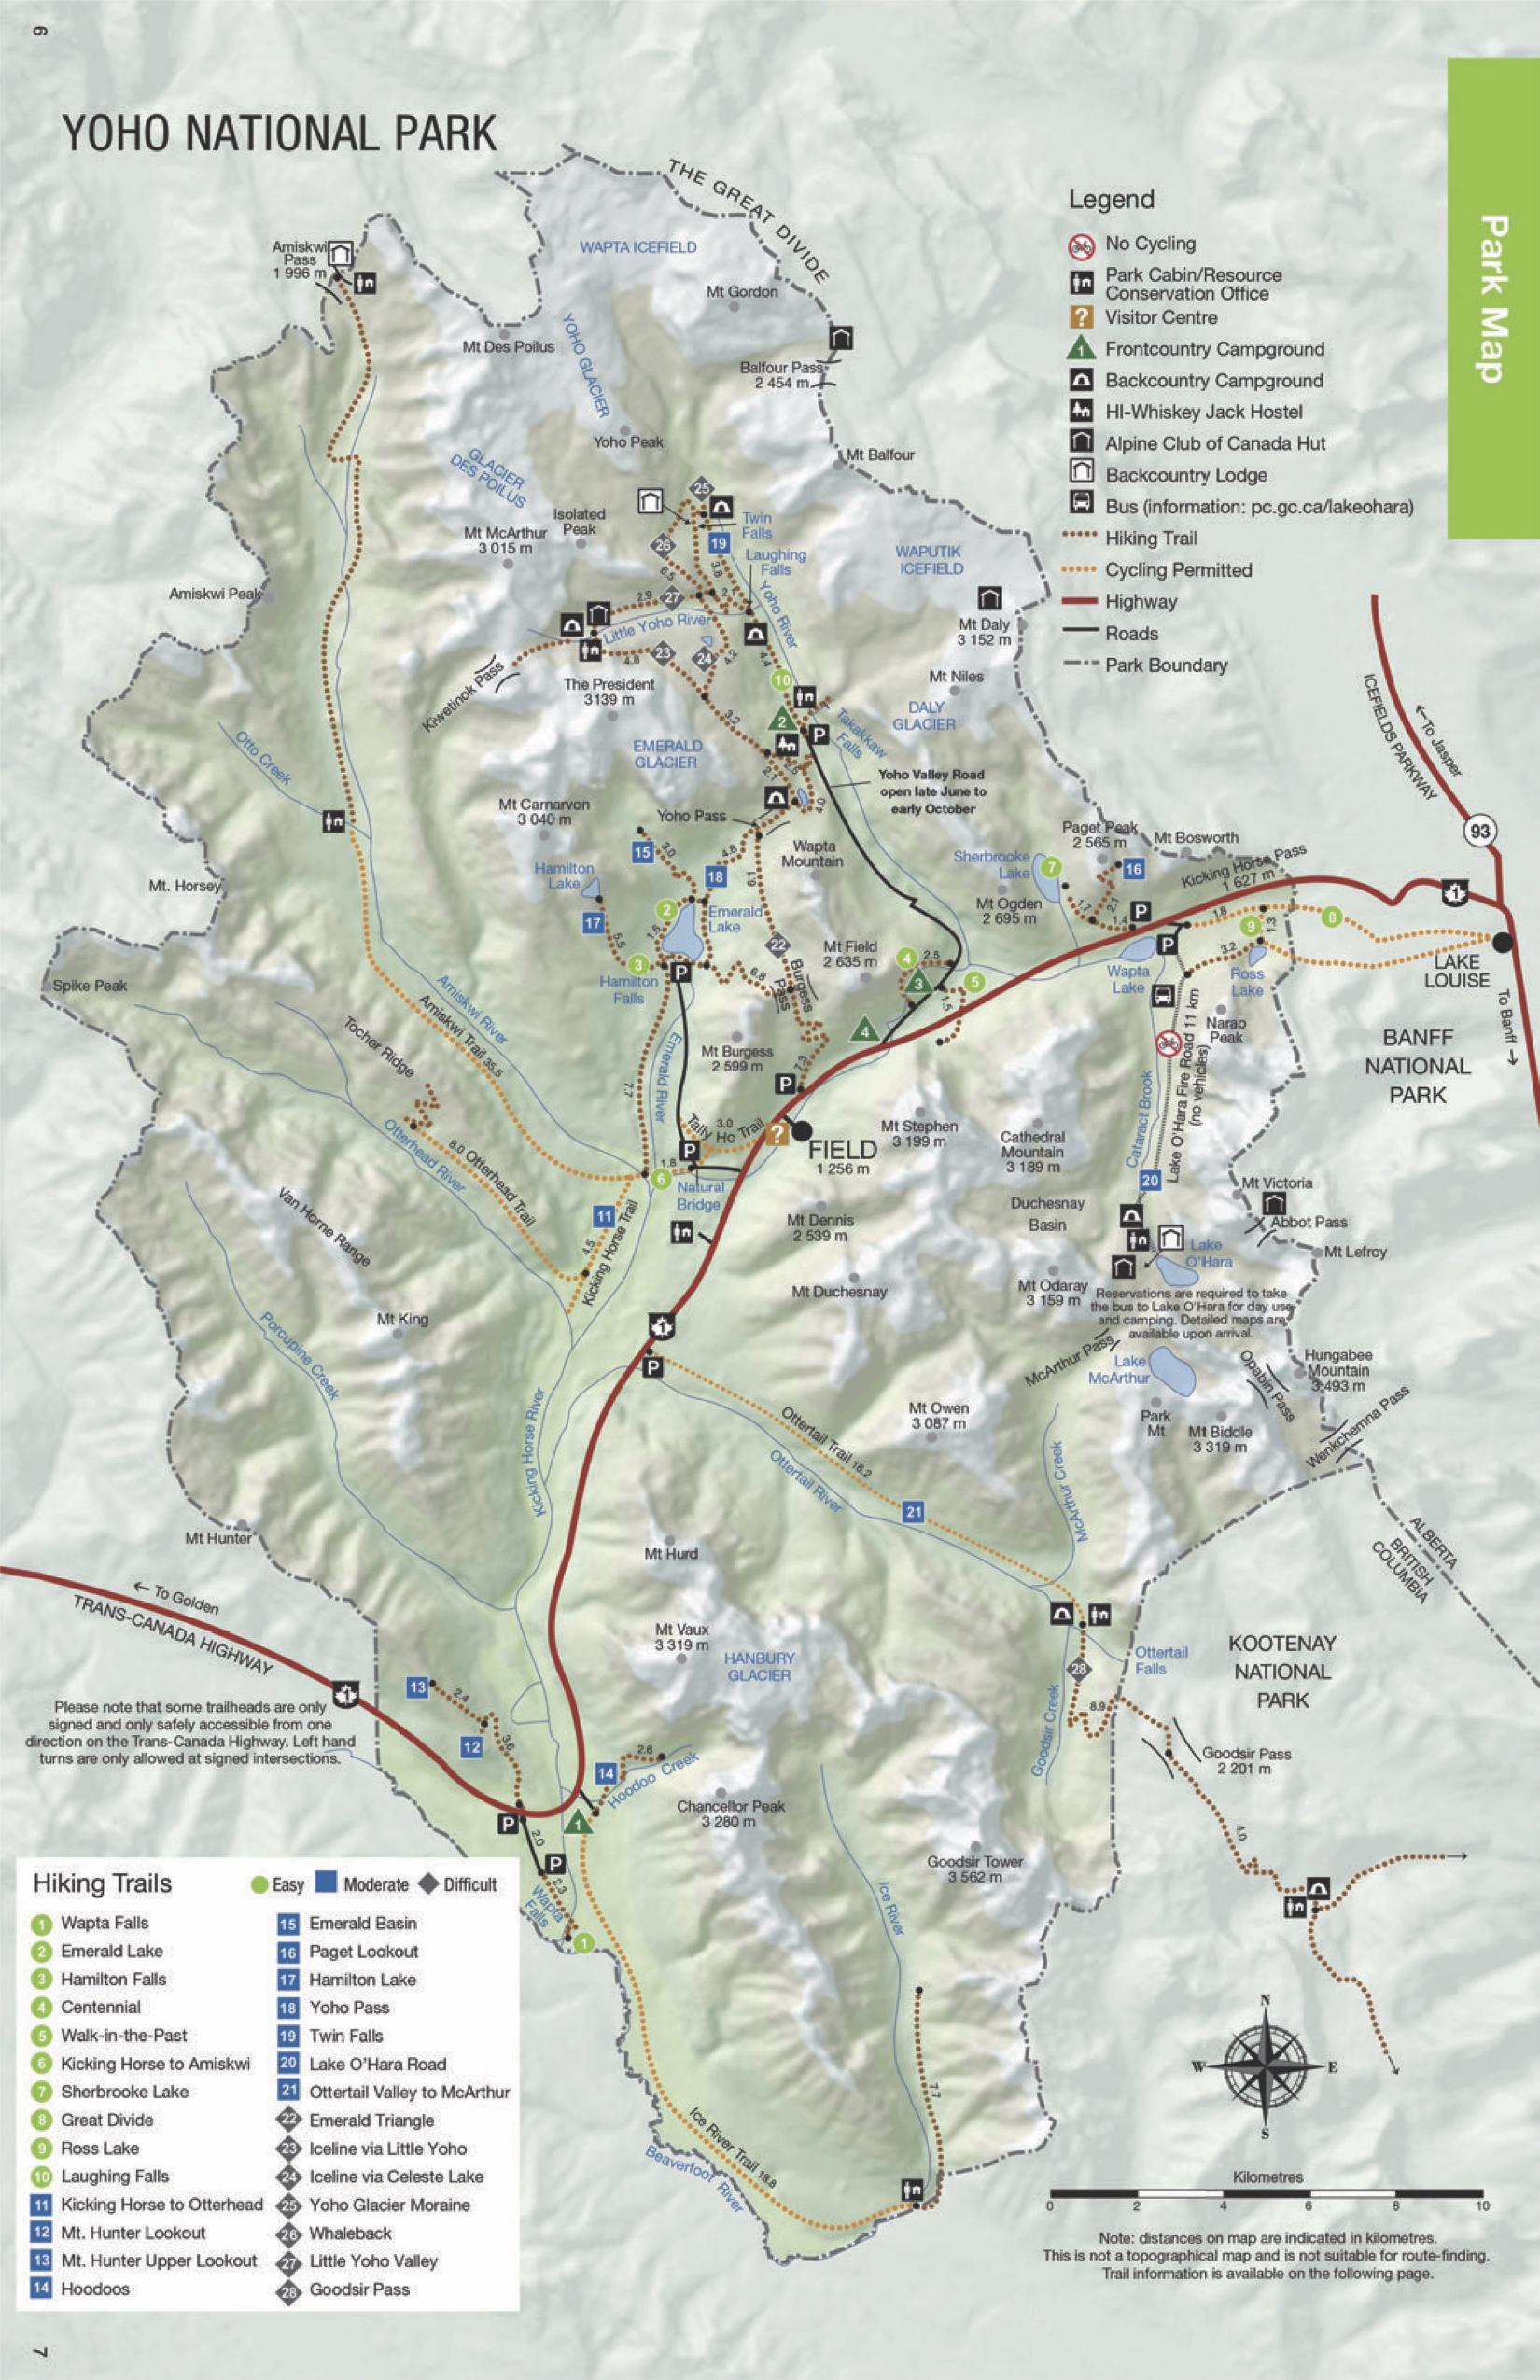 2015-yoho-map copy.jpg